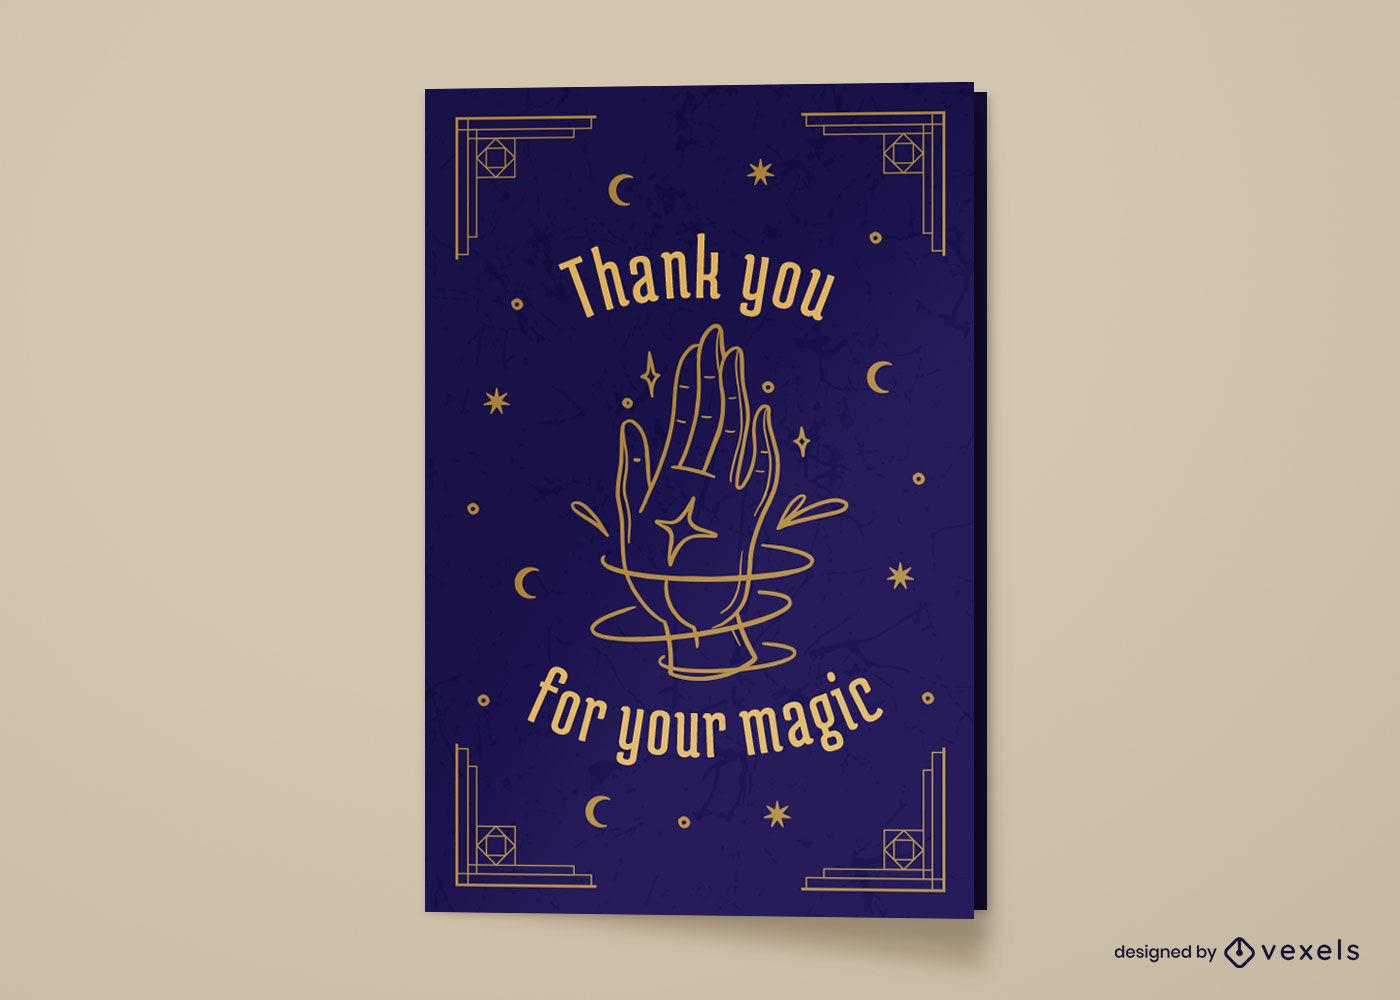 Diseño de tarjeta de felicitación mágica de mano mística